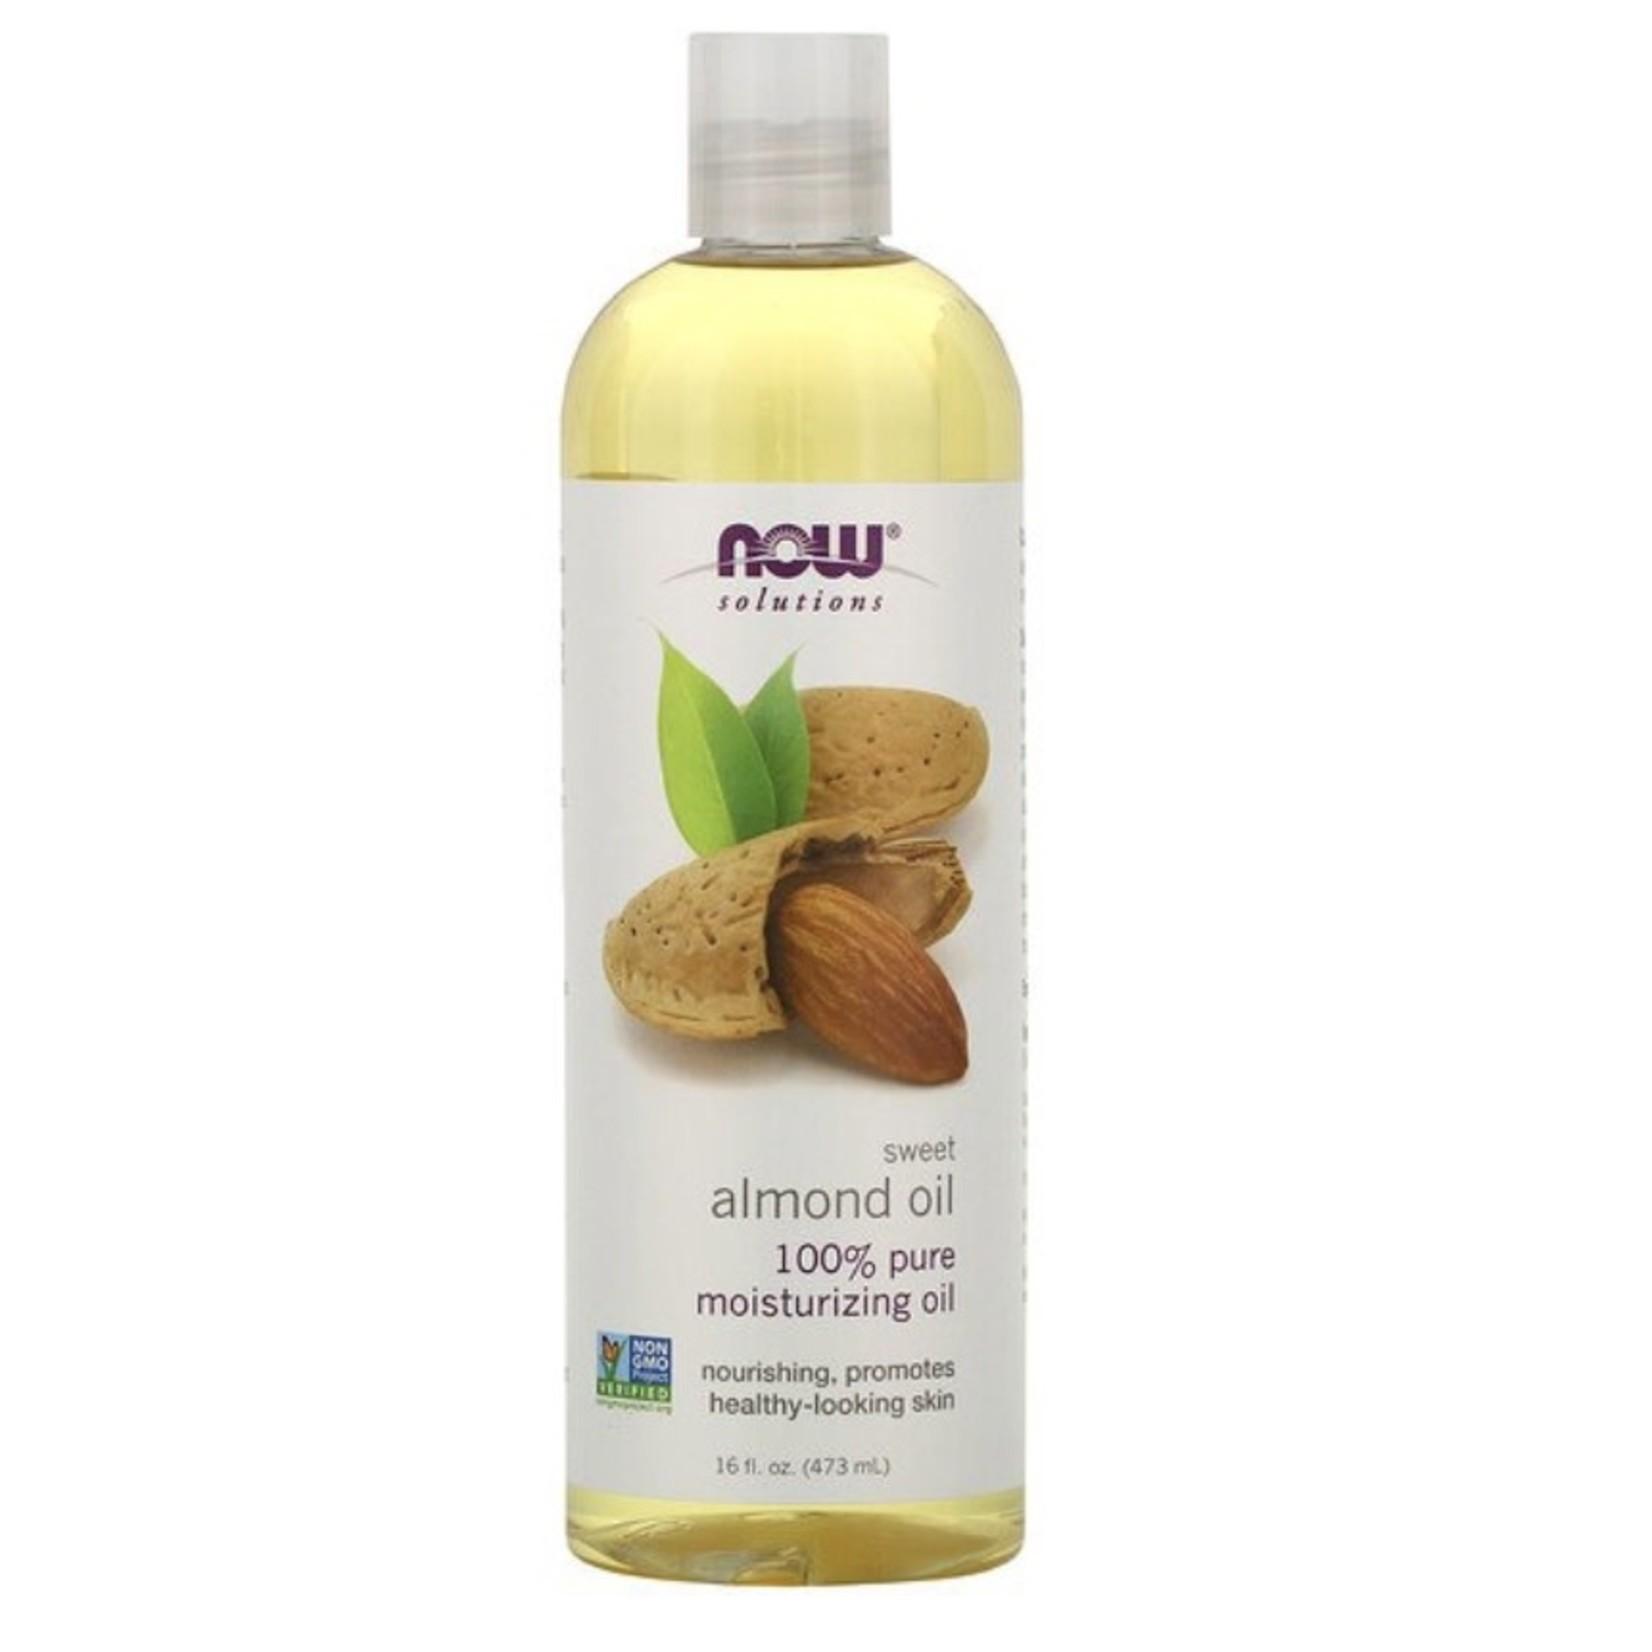 Now Now Almond Oil 473ml